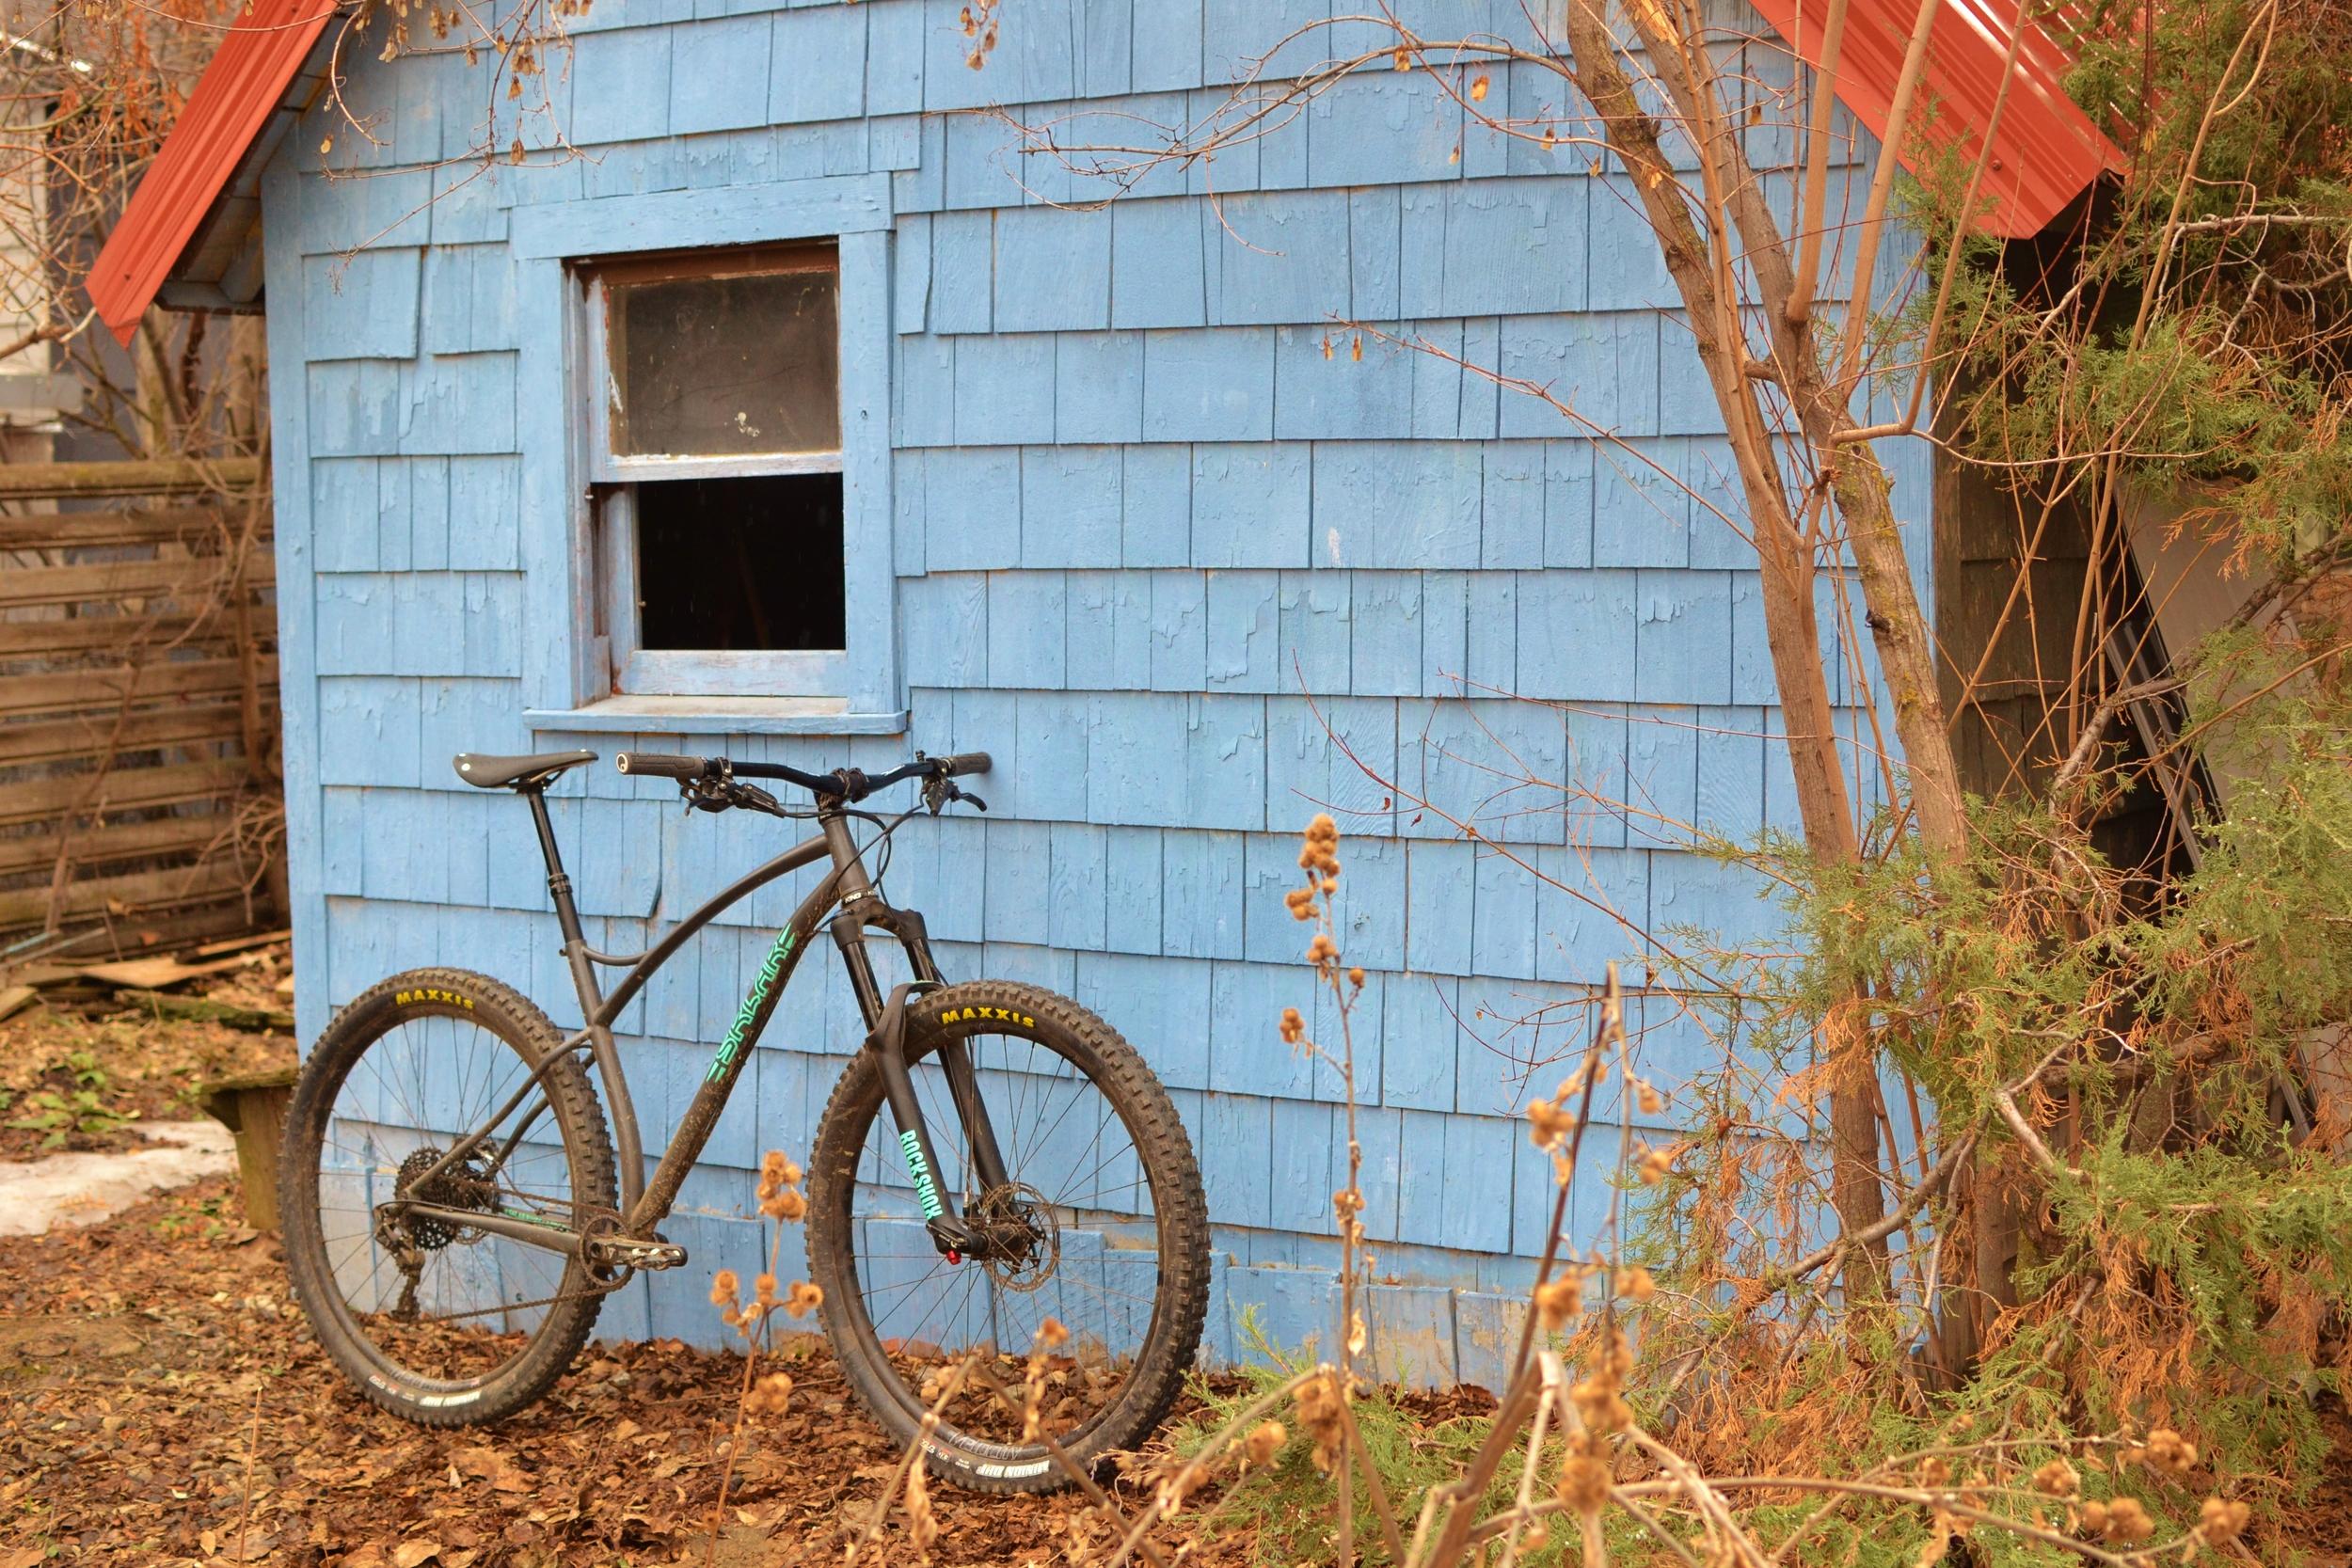 Sklar 29er mountain bike